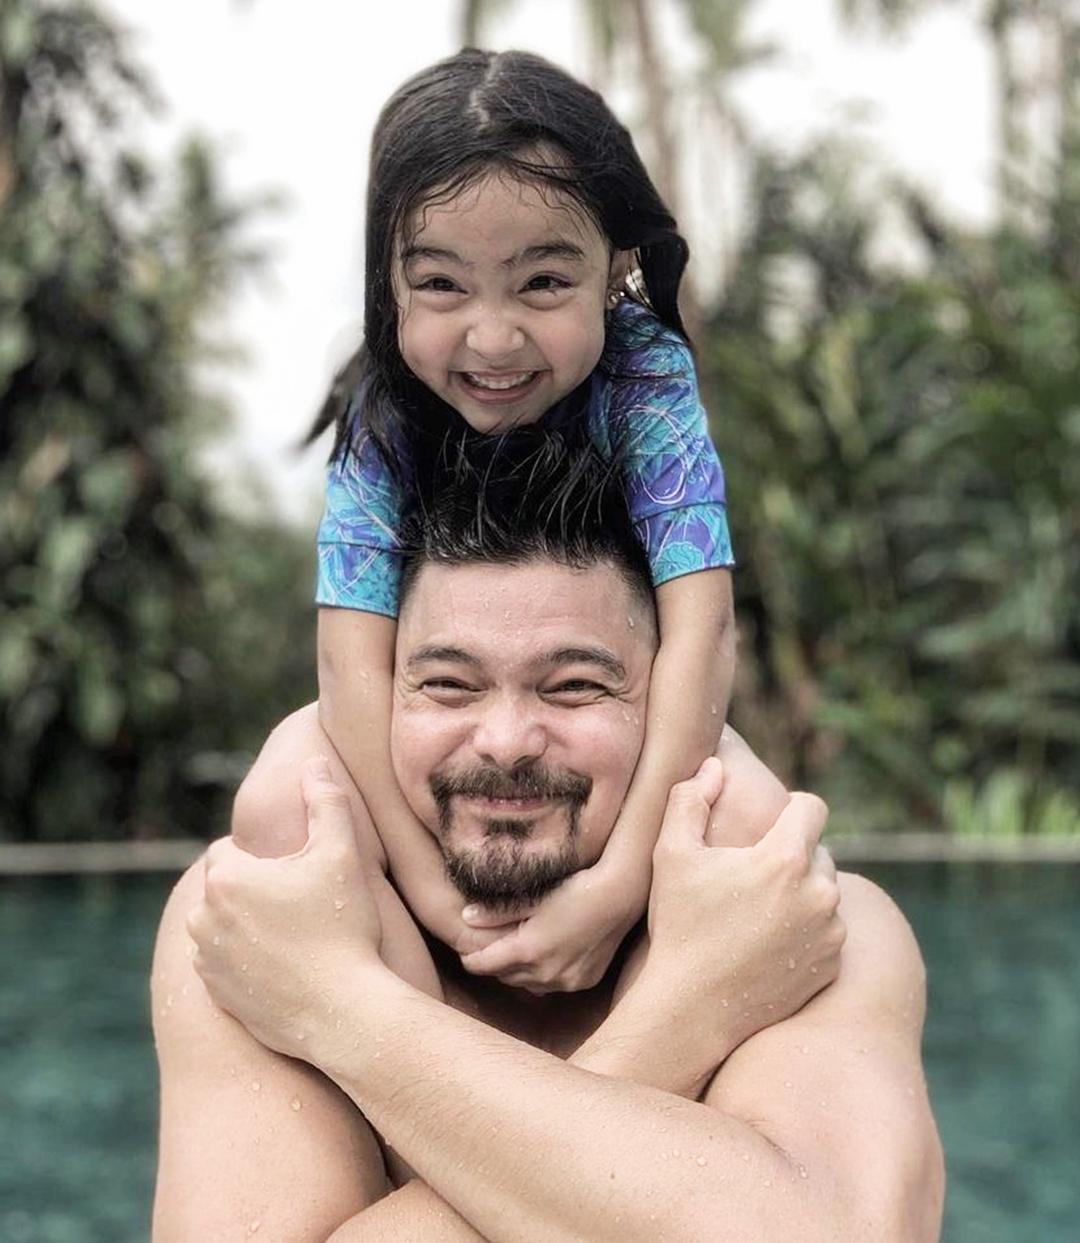 Tài tử 41 tuổi nổi tiếng chiều con, thường công kênh các bé trên vai. Bé Zia thừa hưởng nét đẹp của bố mẹ, là sao nhí nổi bật hàng đầu Philippines, đắt show quảng cáo.